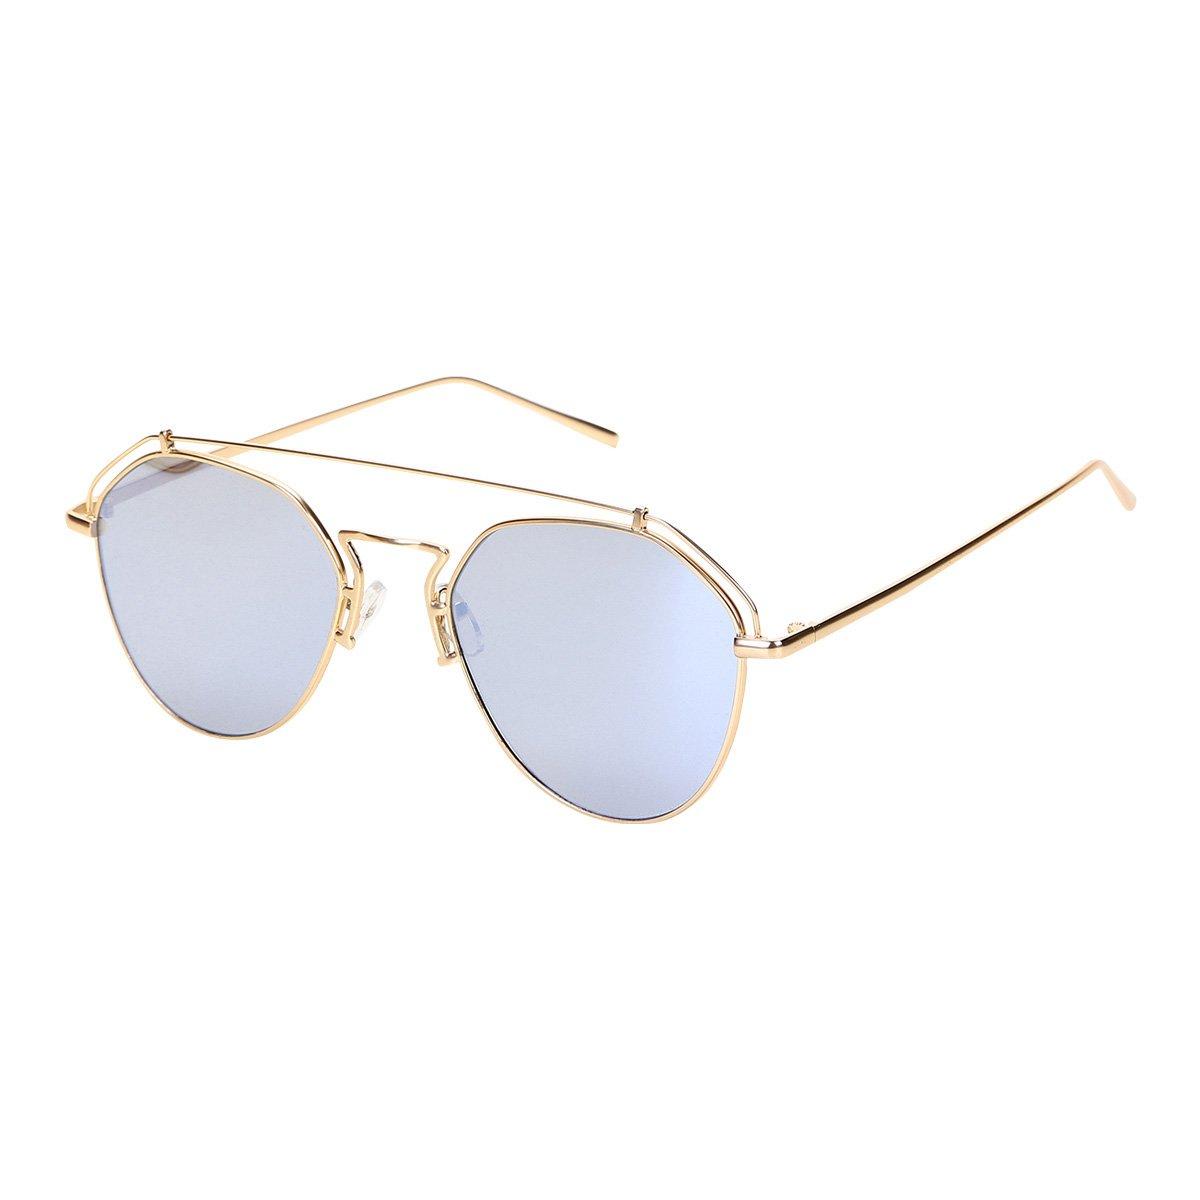 8e9969c2b7b43 Óculos de Sol King One J7008 Feminino - Compre Agora   Zattini